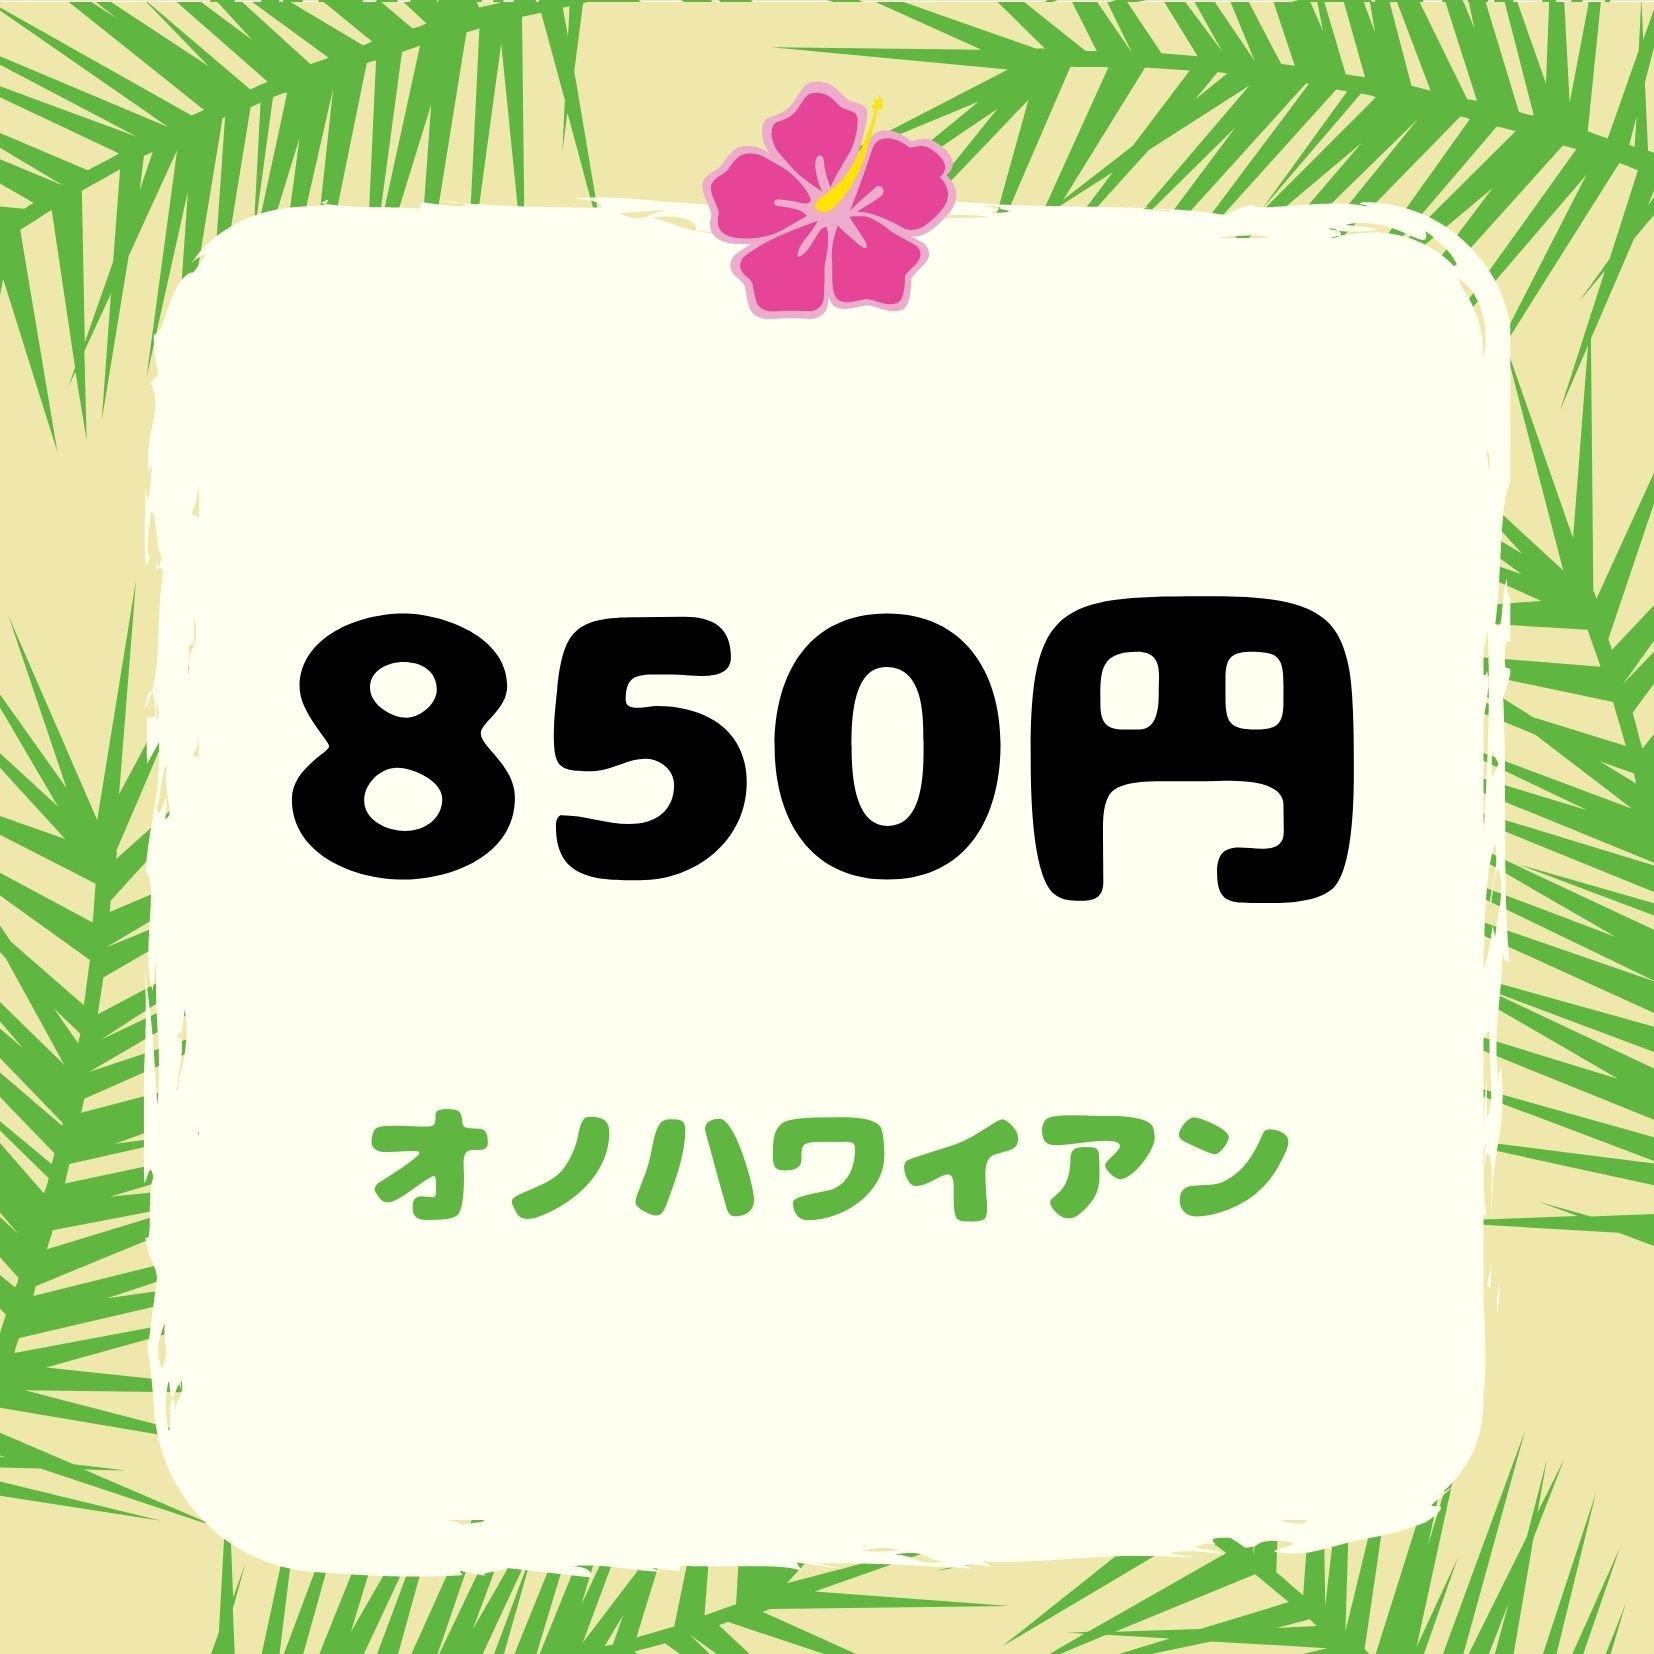 850円【頭払い専用】ピザ等のイメージその1